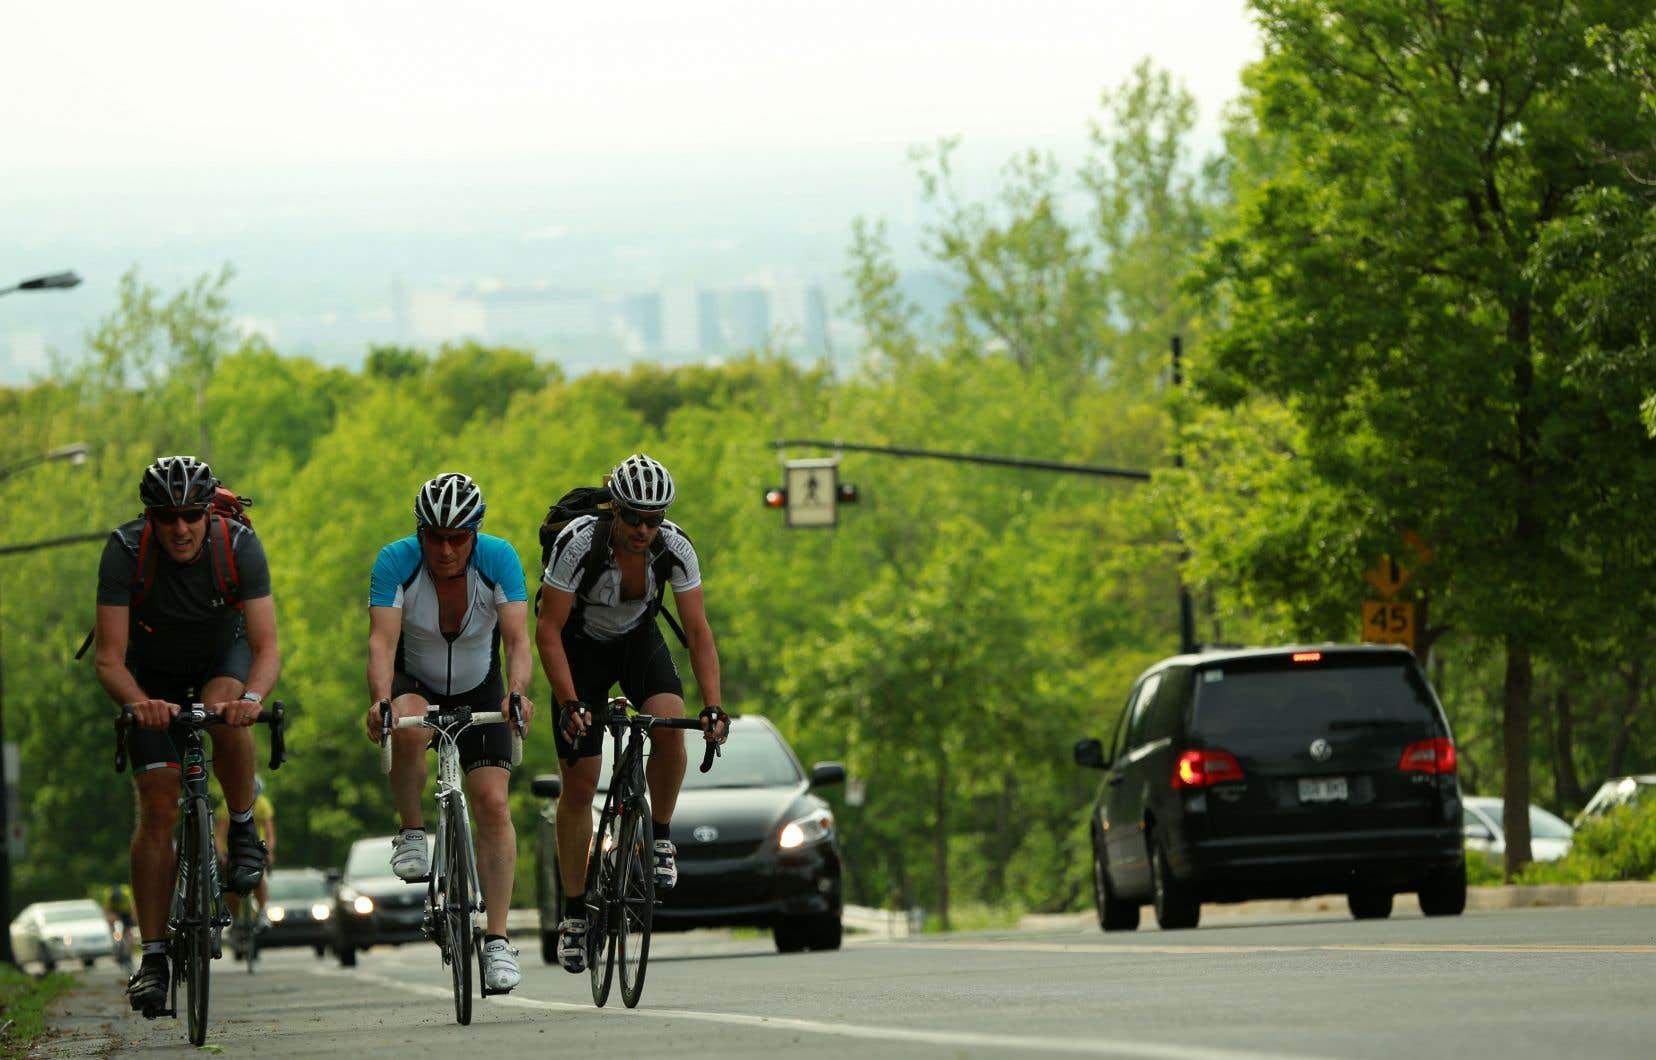 Selon l'Office de consultation publique de Montréal, l'accès au belvédère Camillien-Houde devrait être modifié afin que les usagers, qu'ils soient piétons, cyclistes ou automobilistes, puissent y entrer et en sortir de façon sécuritaire.